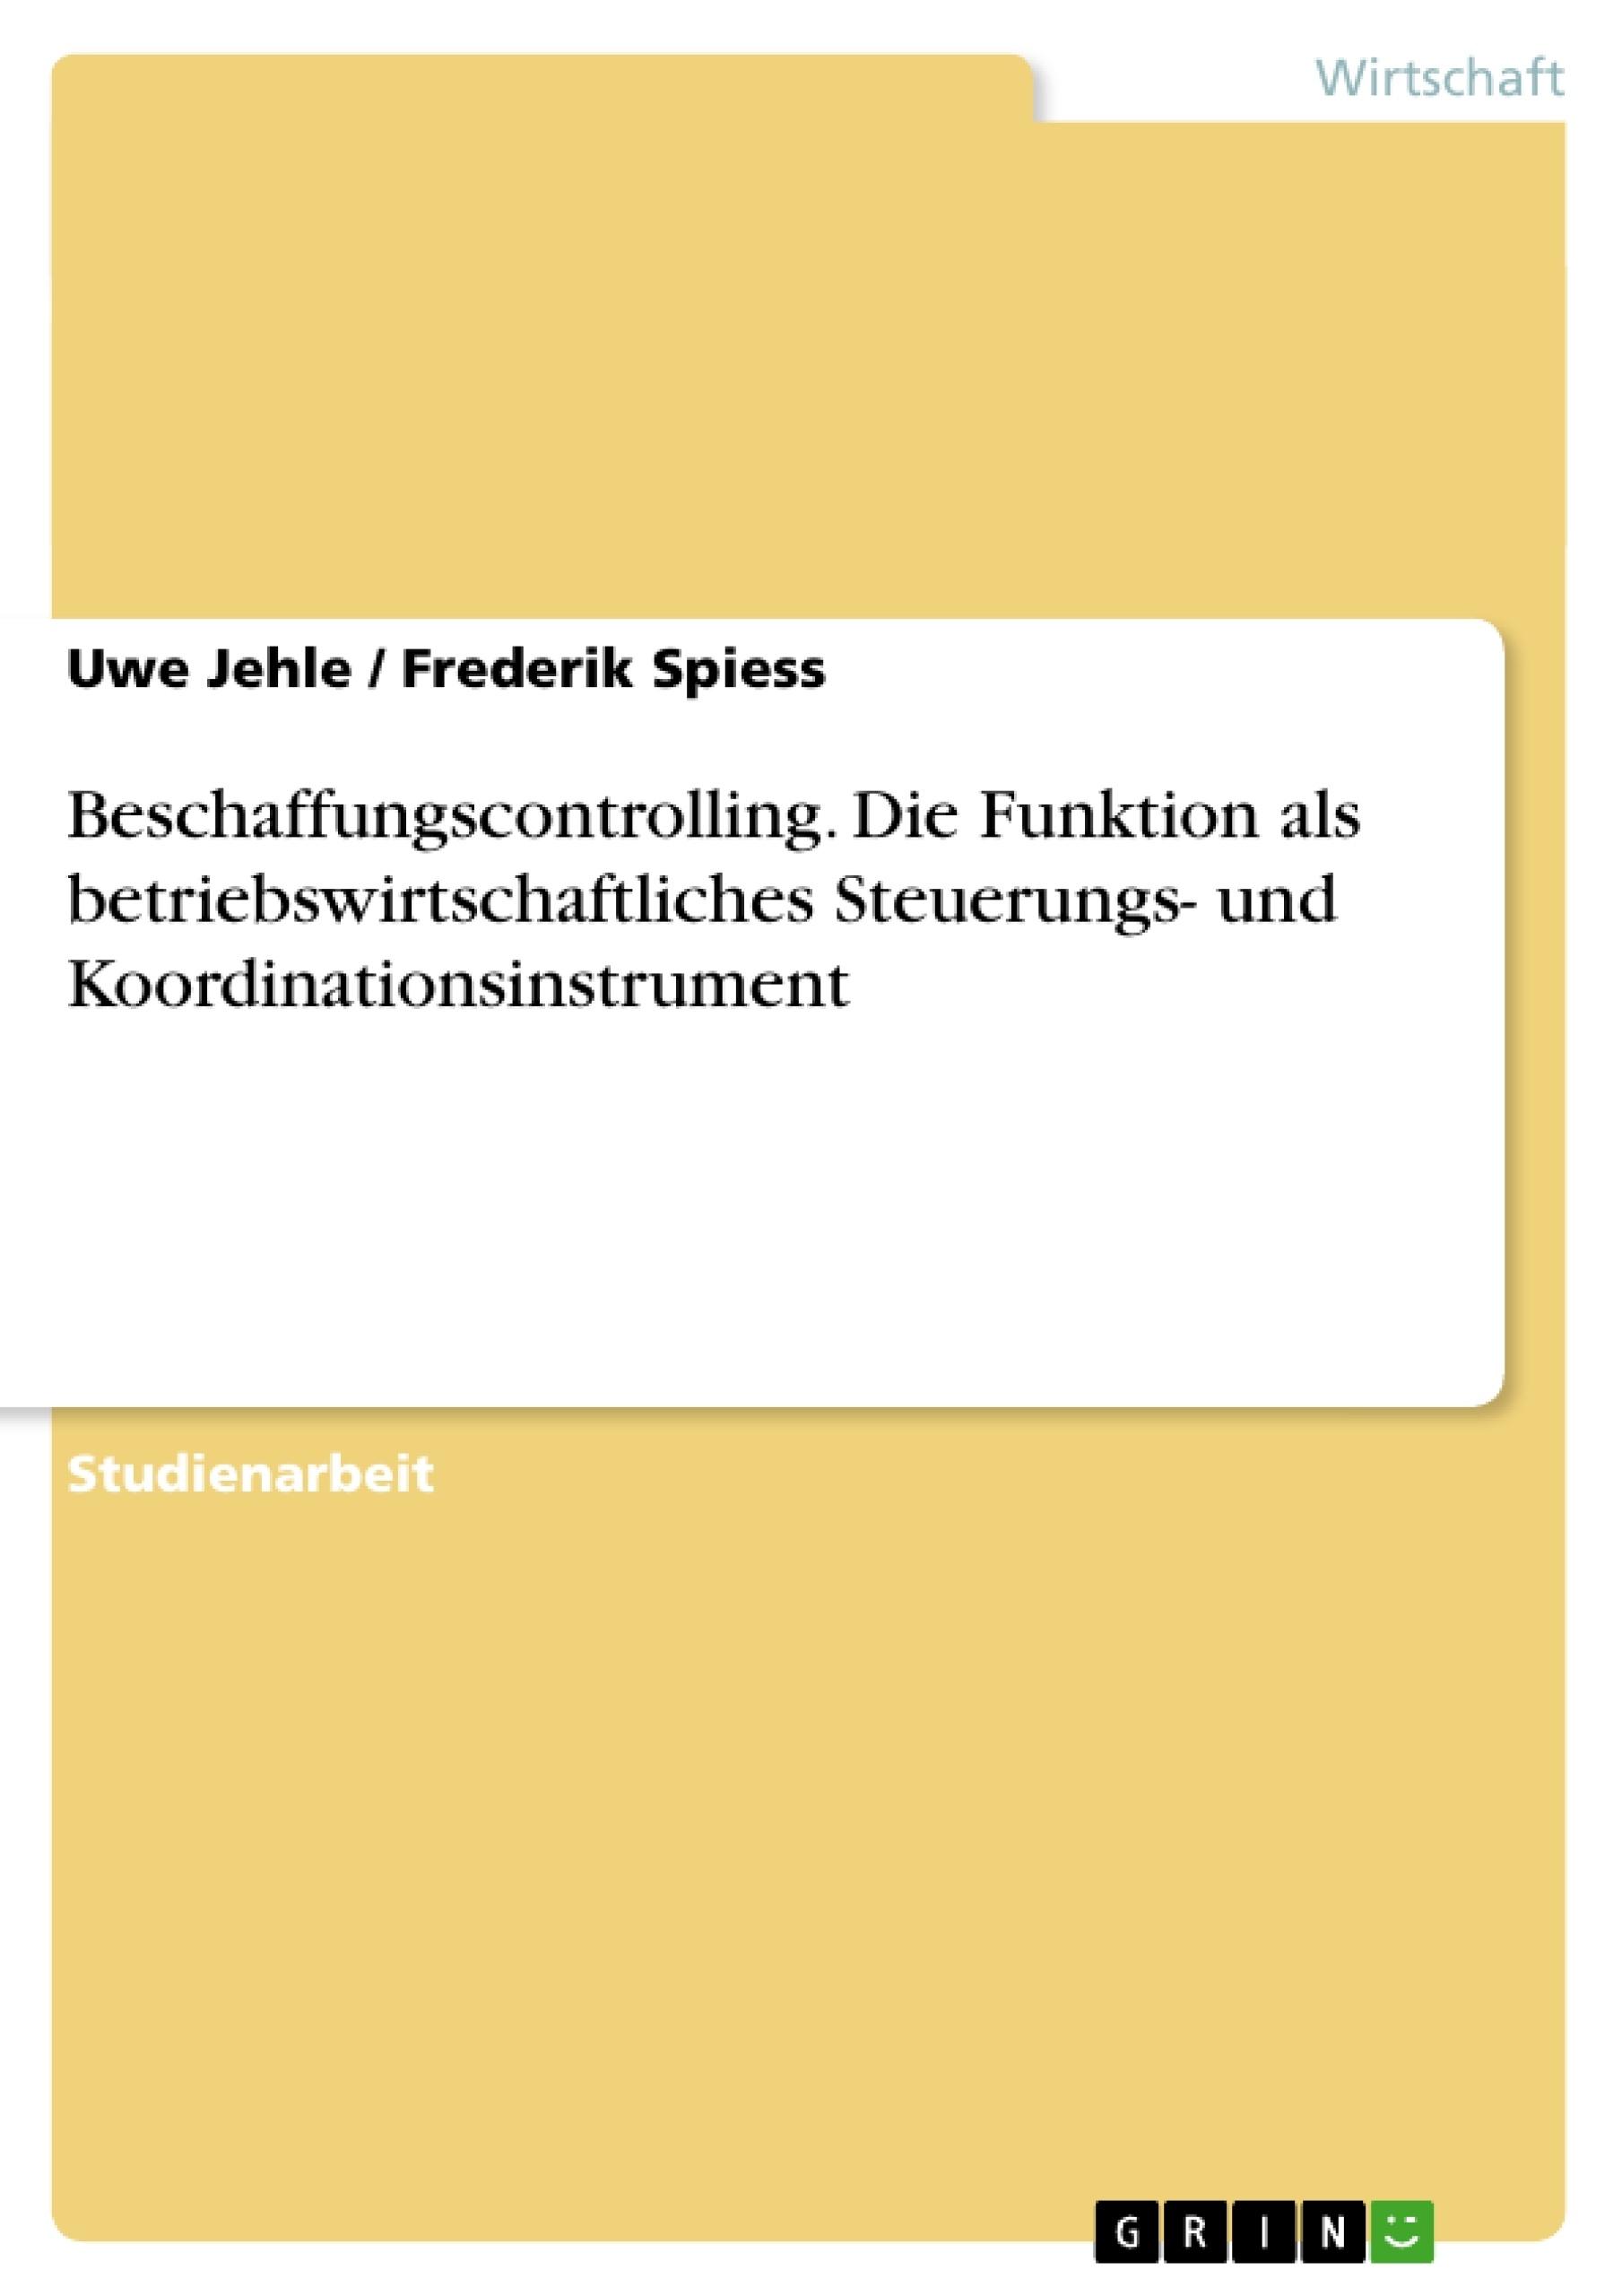 Titel: Beschaffungscontrolling. Die Funktion als betriebswirtschaftliches Steuerungs- und Koordinationsinstrument